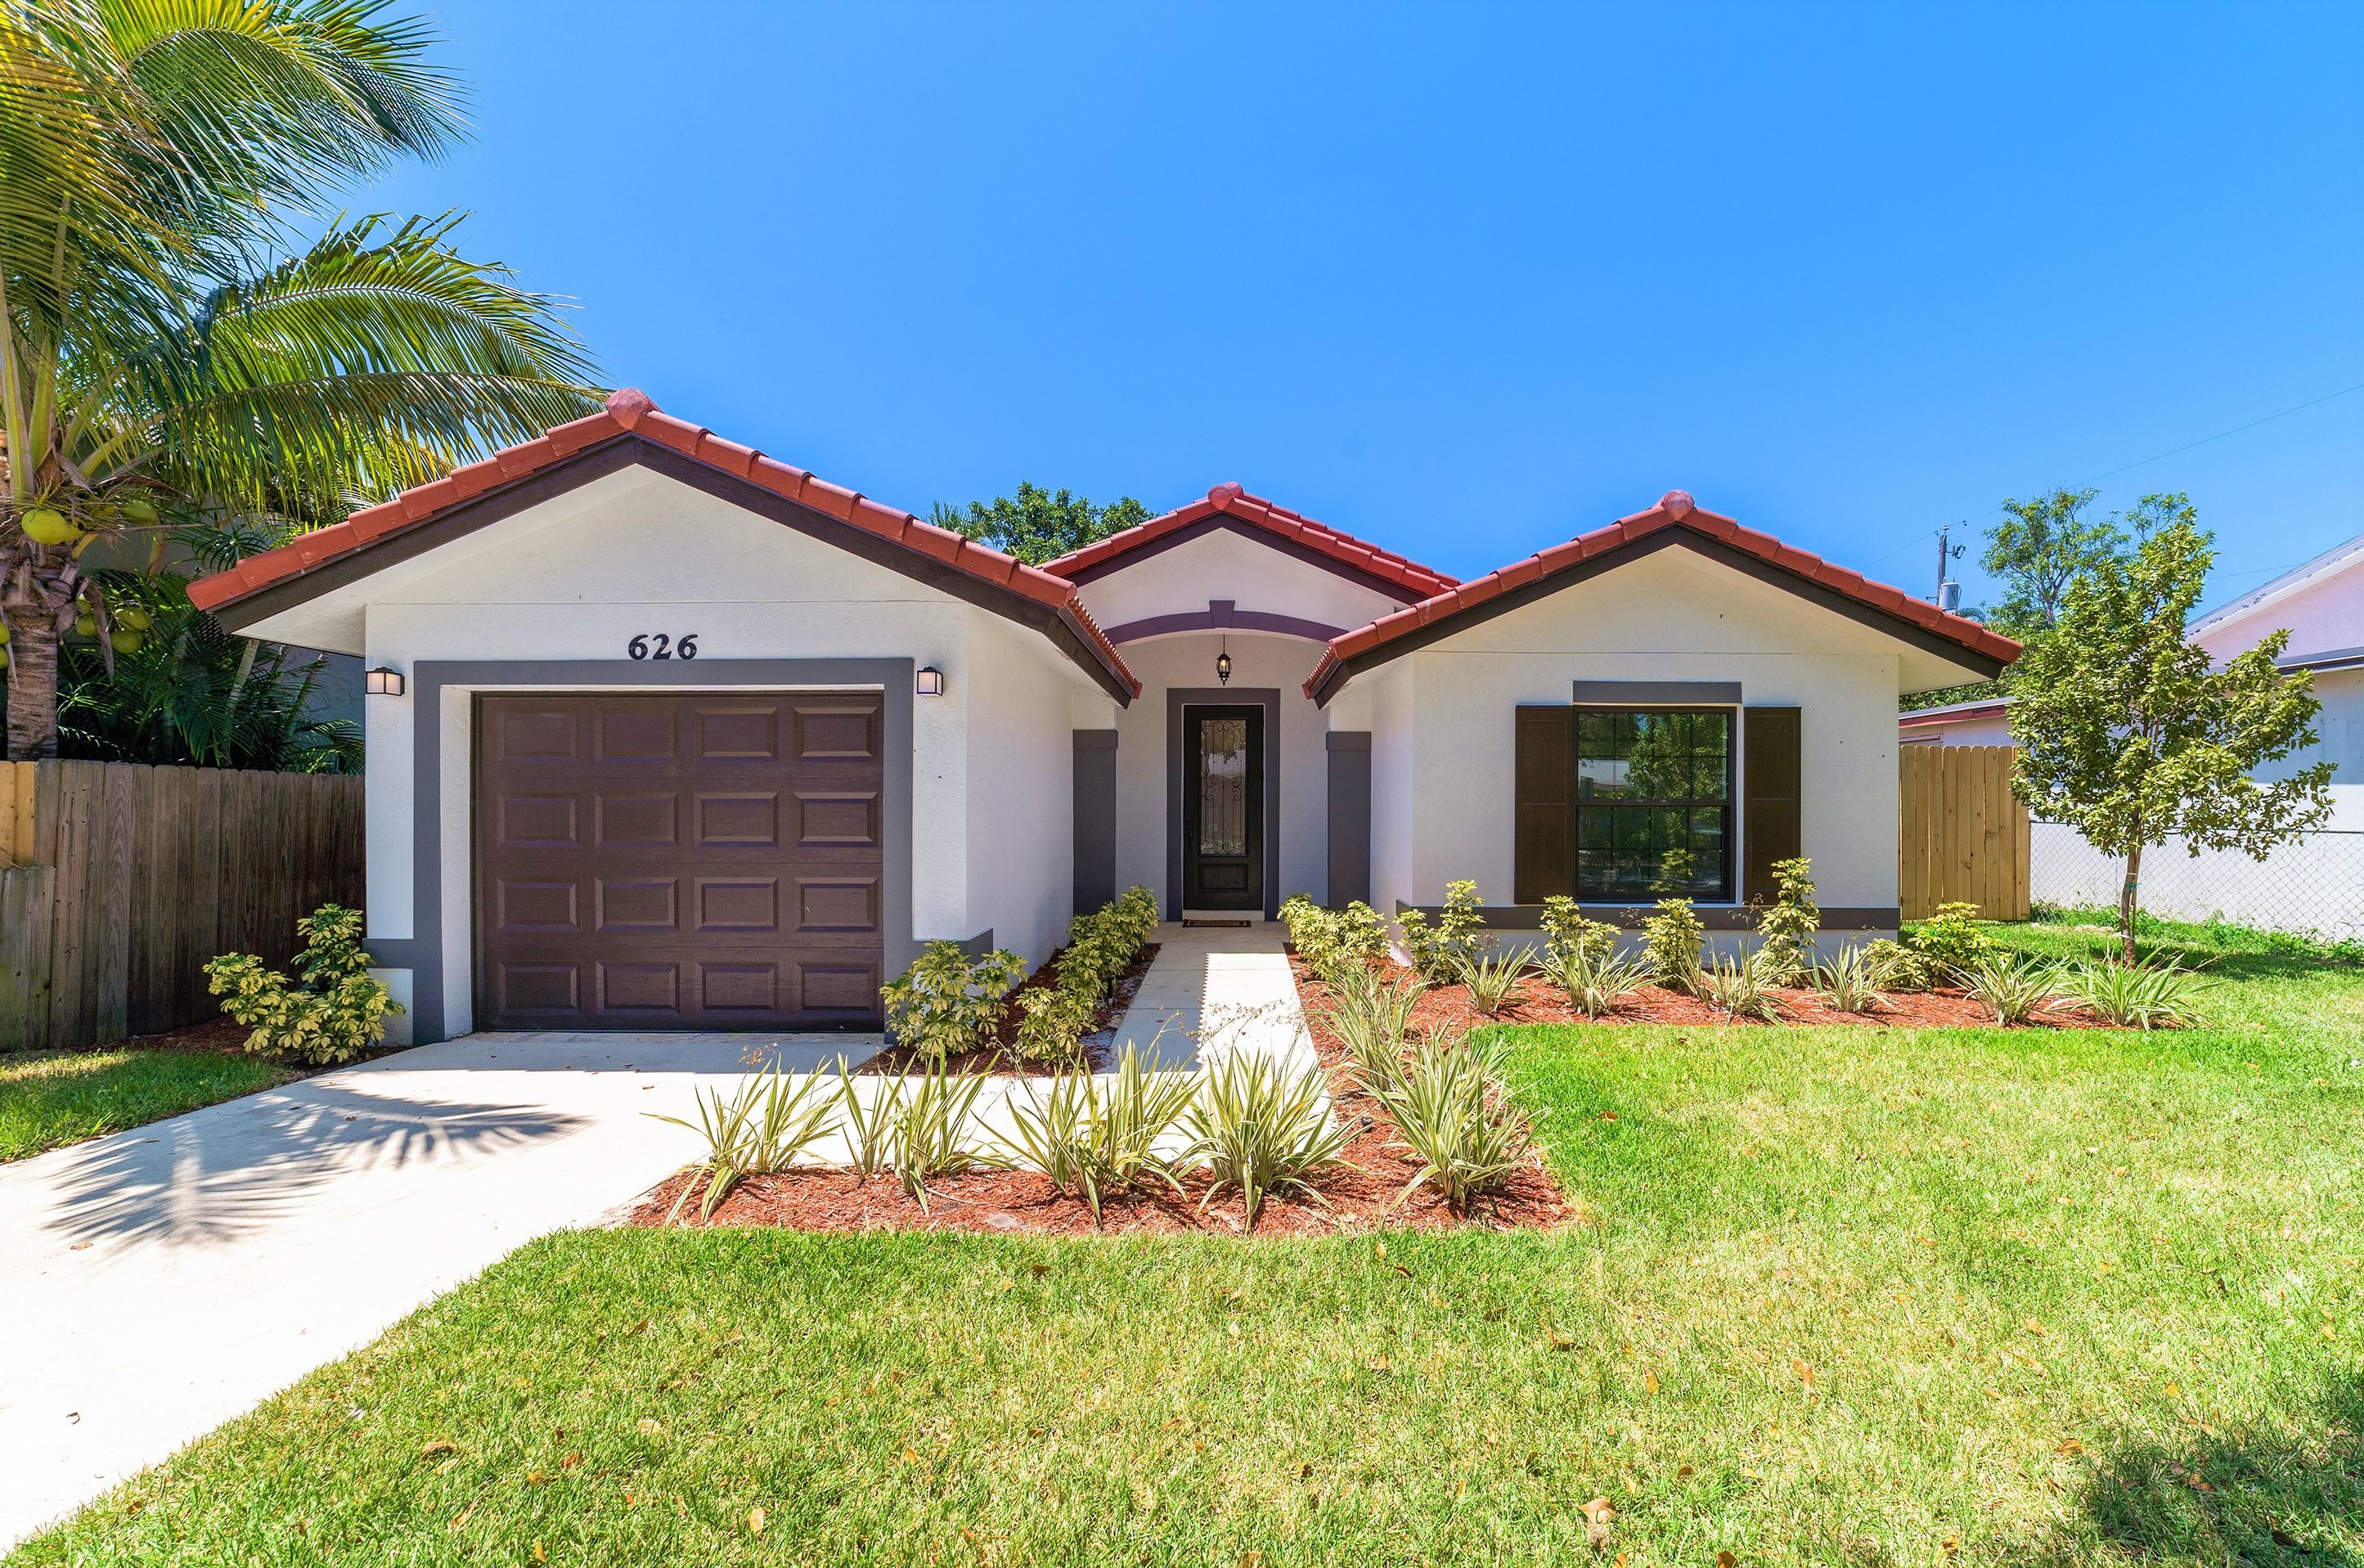 626 Macy Street West Palm Beach, FL 33405